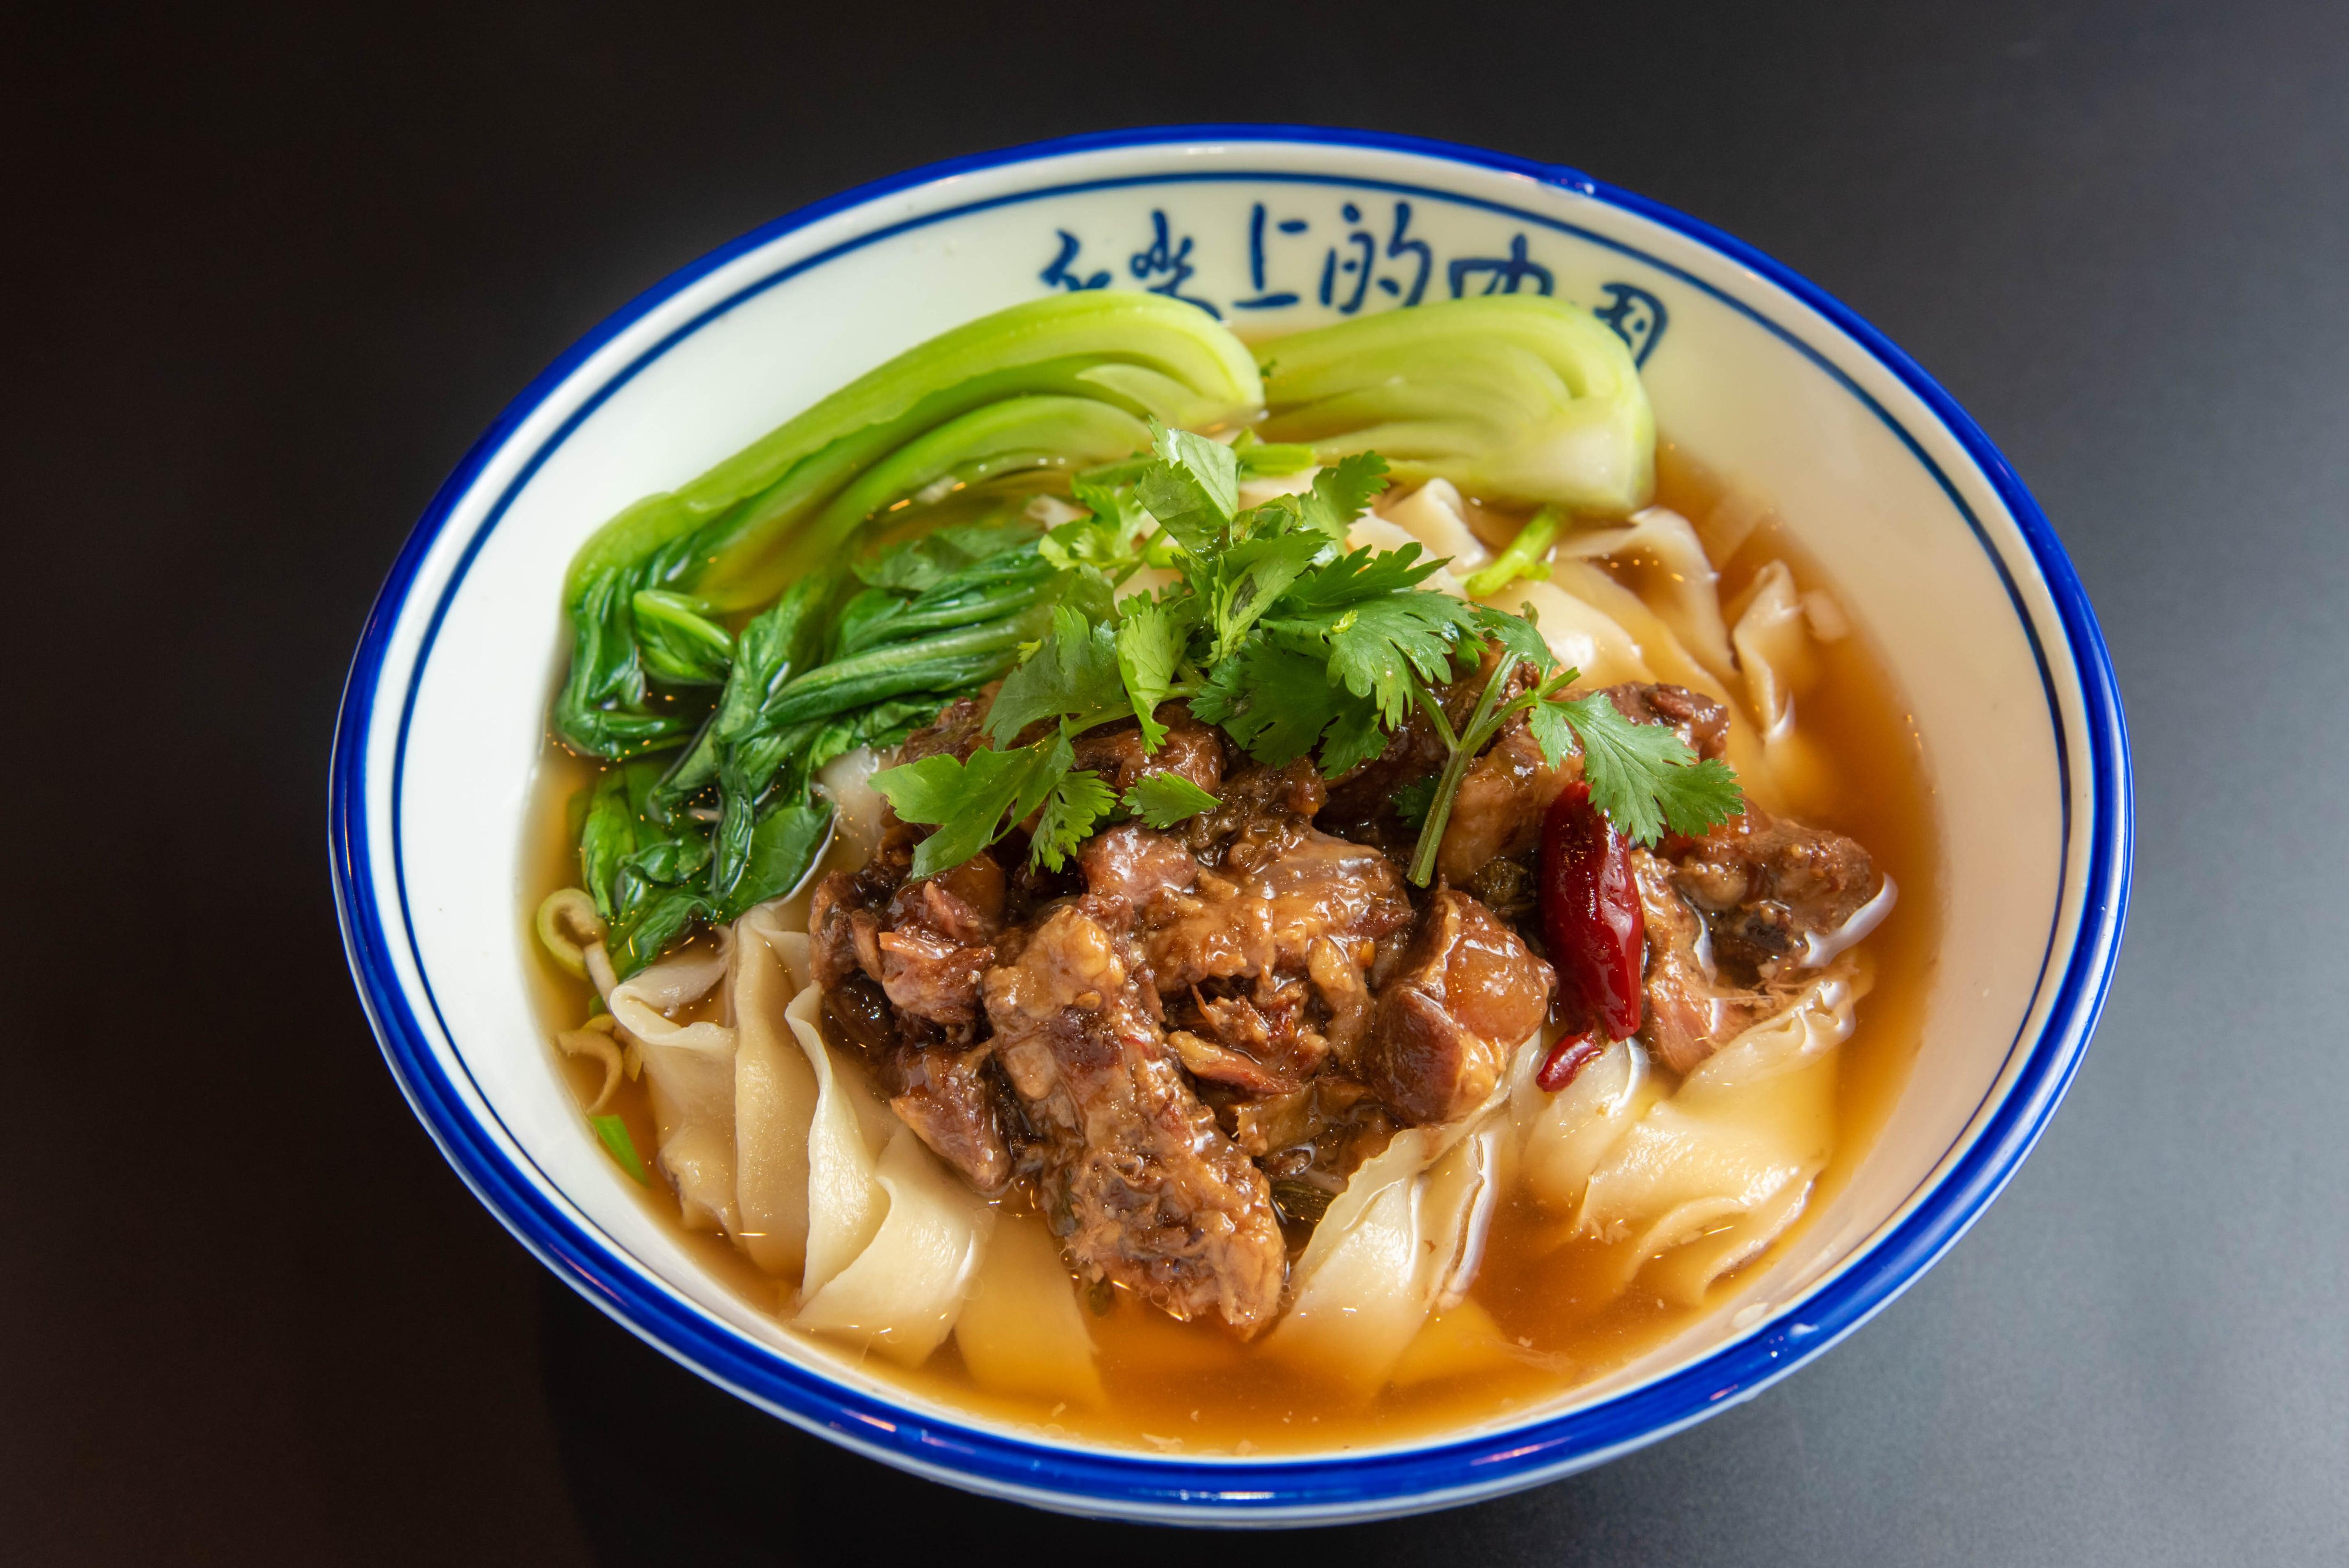 【店舗受取り・麺打ち済】軟骨麺